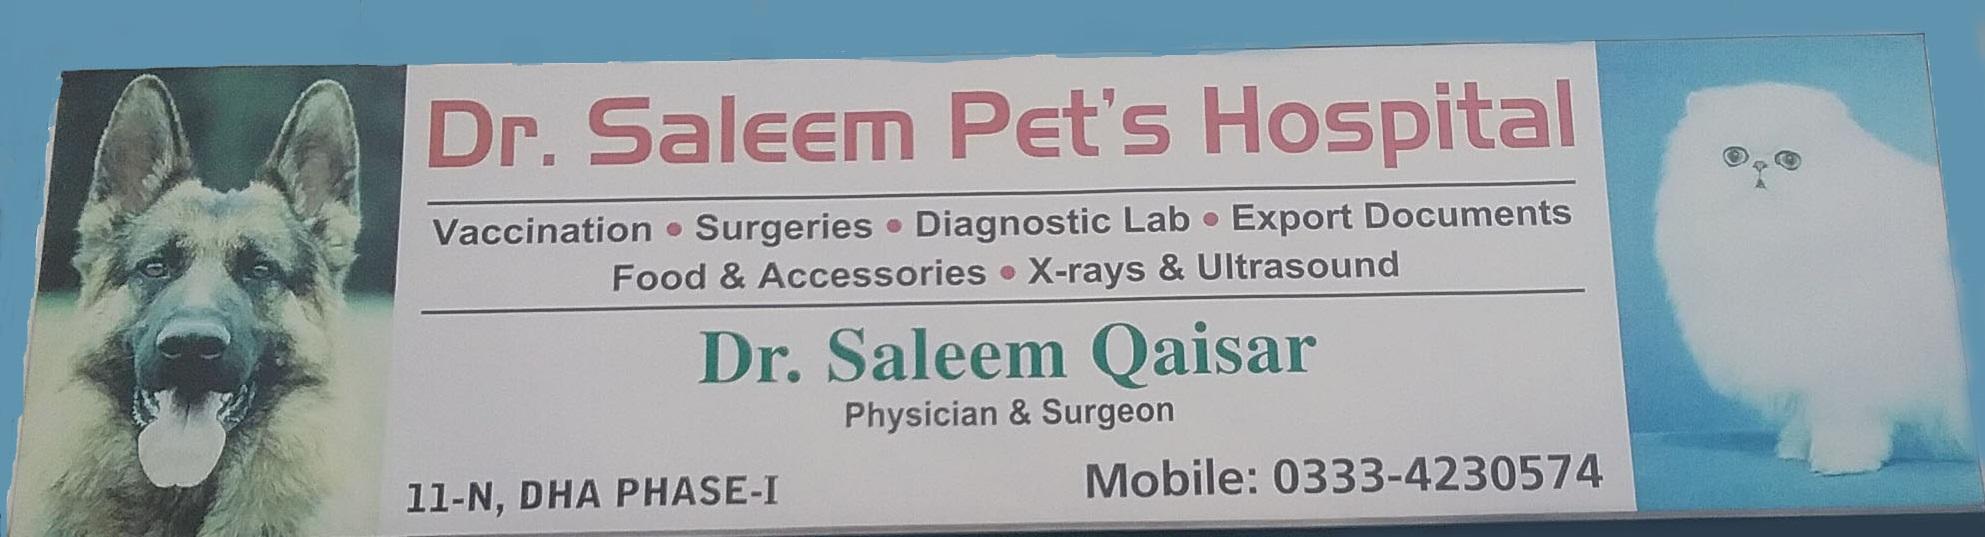 Saleem pets hospital